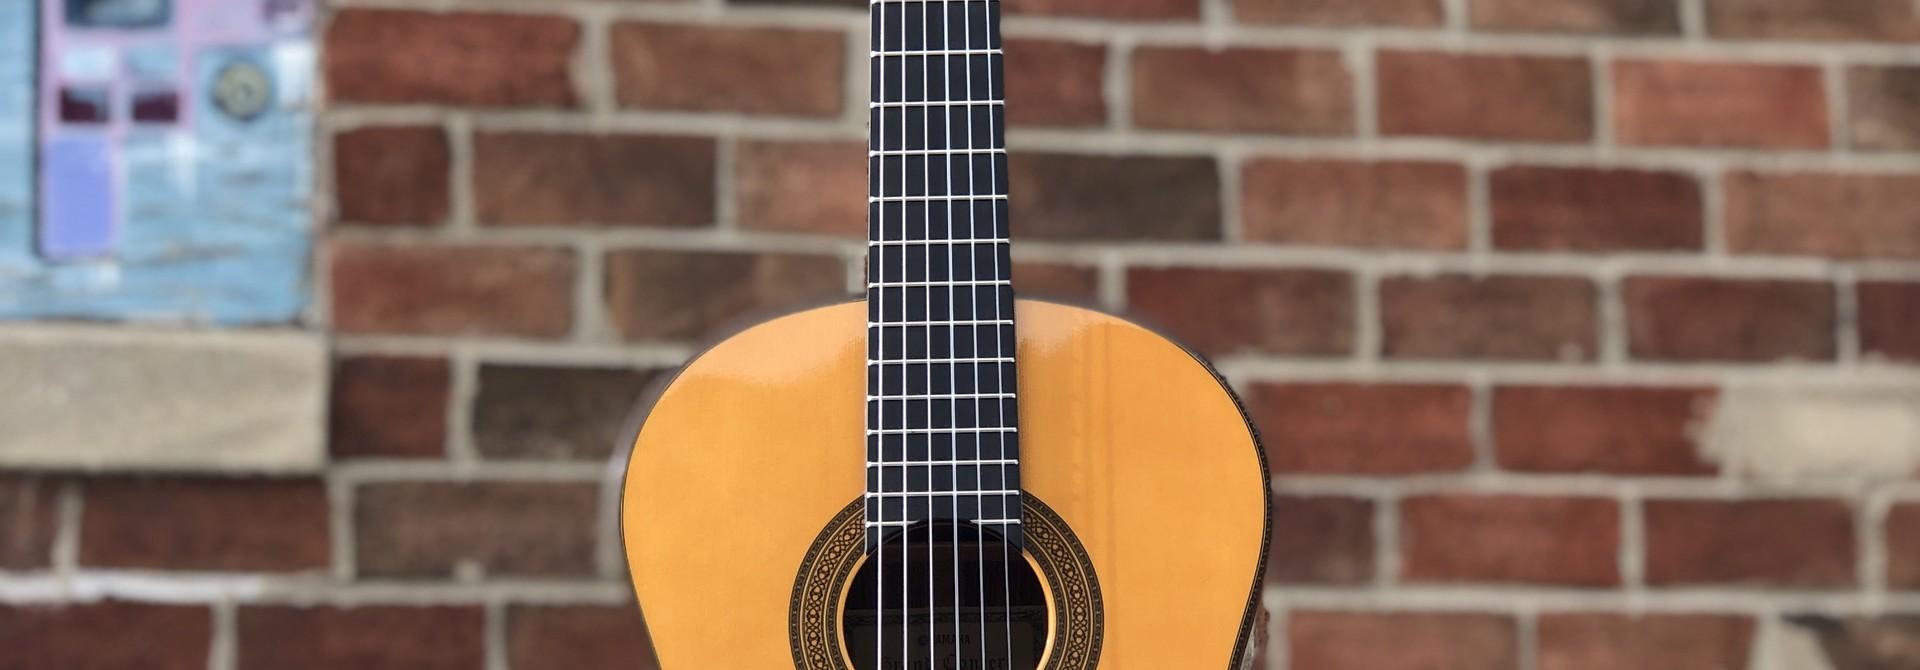 Yamaha GC-41 Classical